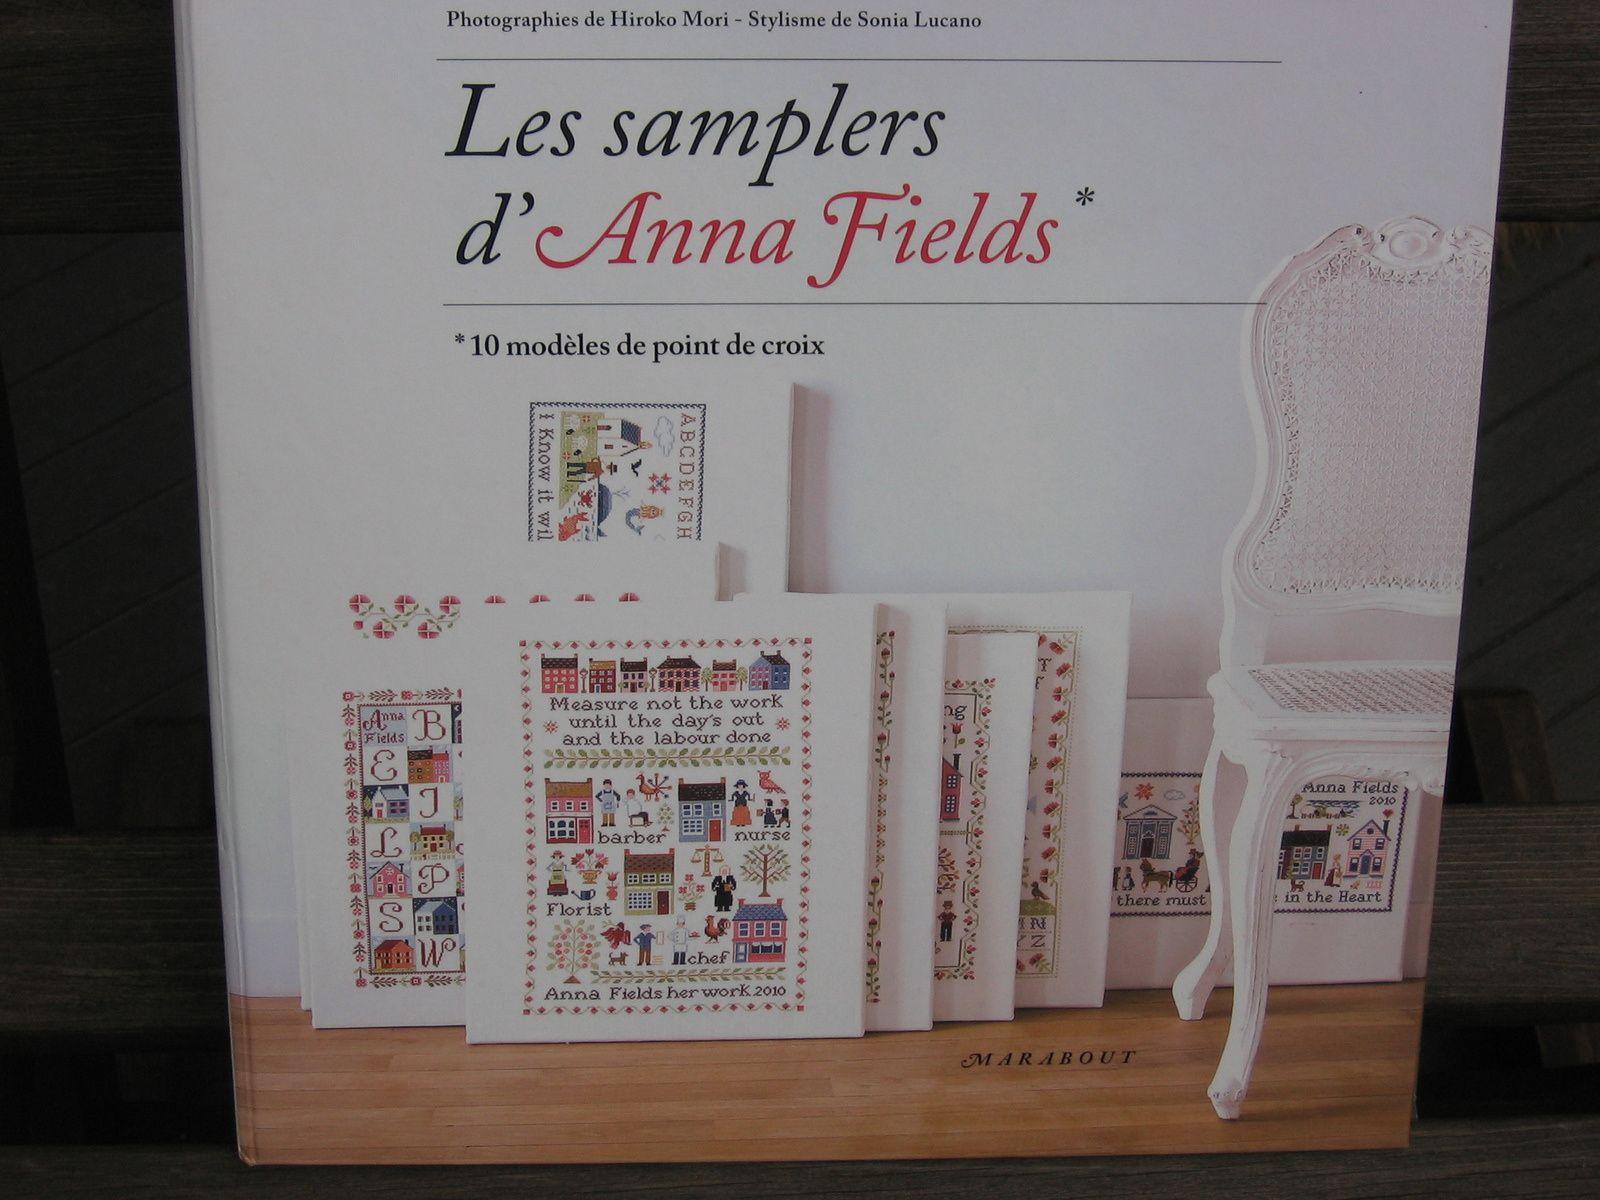 Four saisons of the heart d' Anna Fields